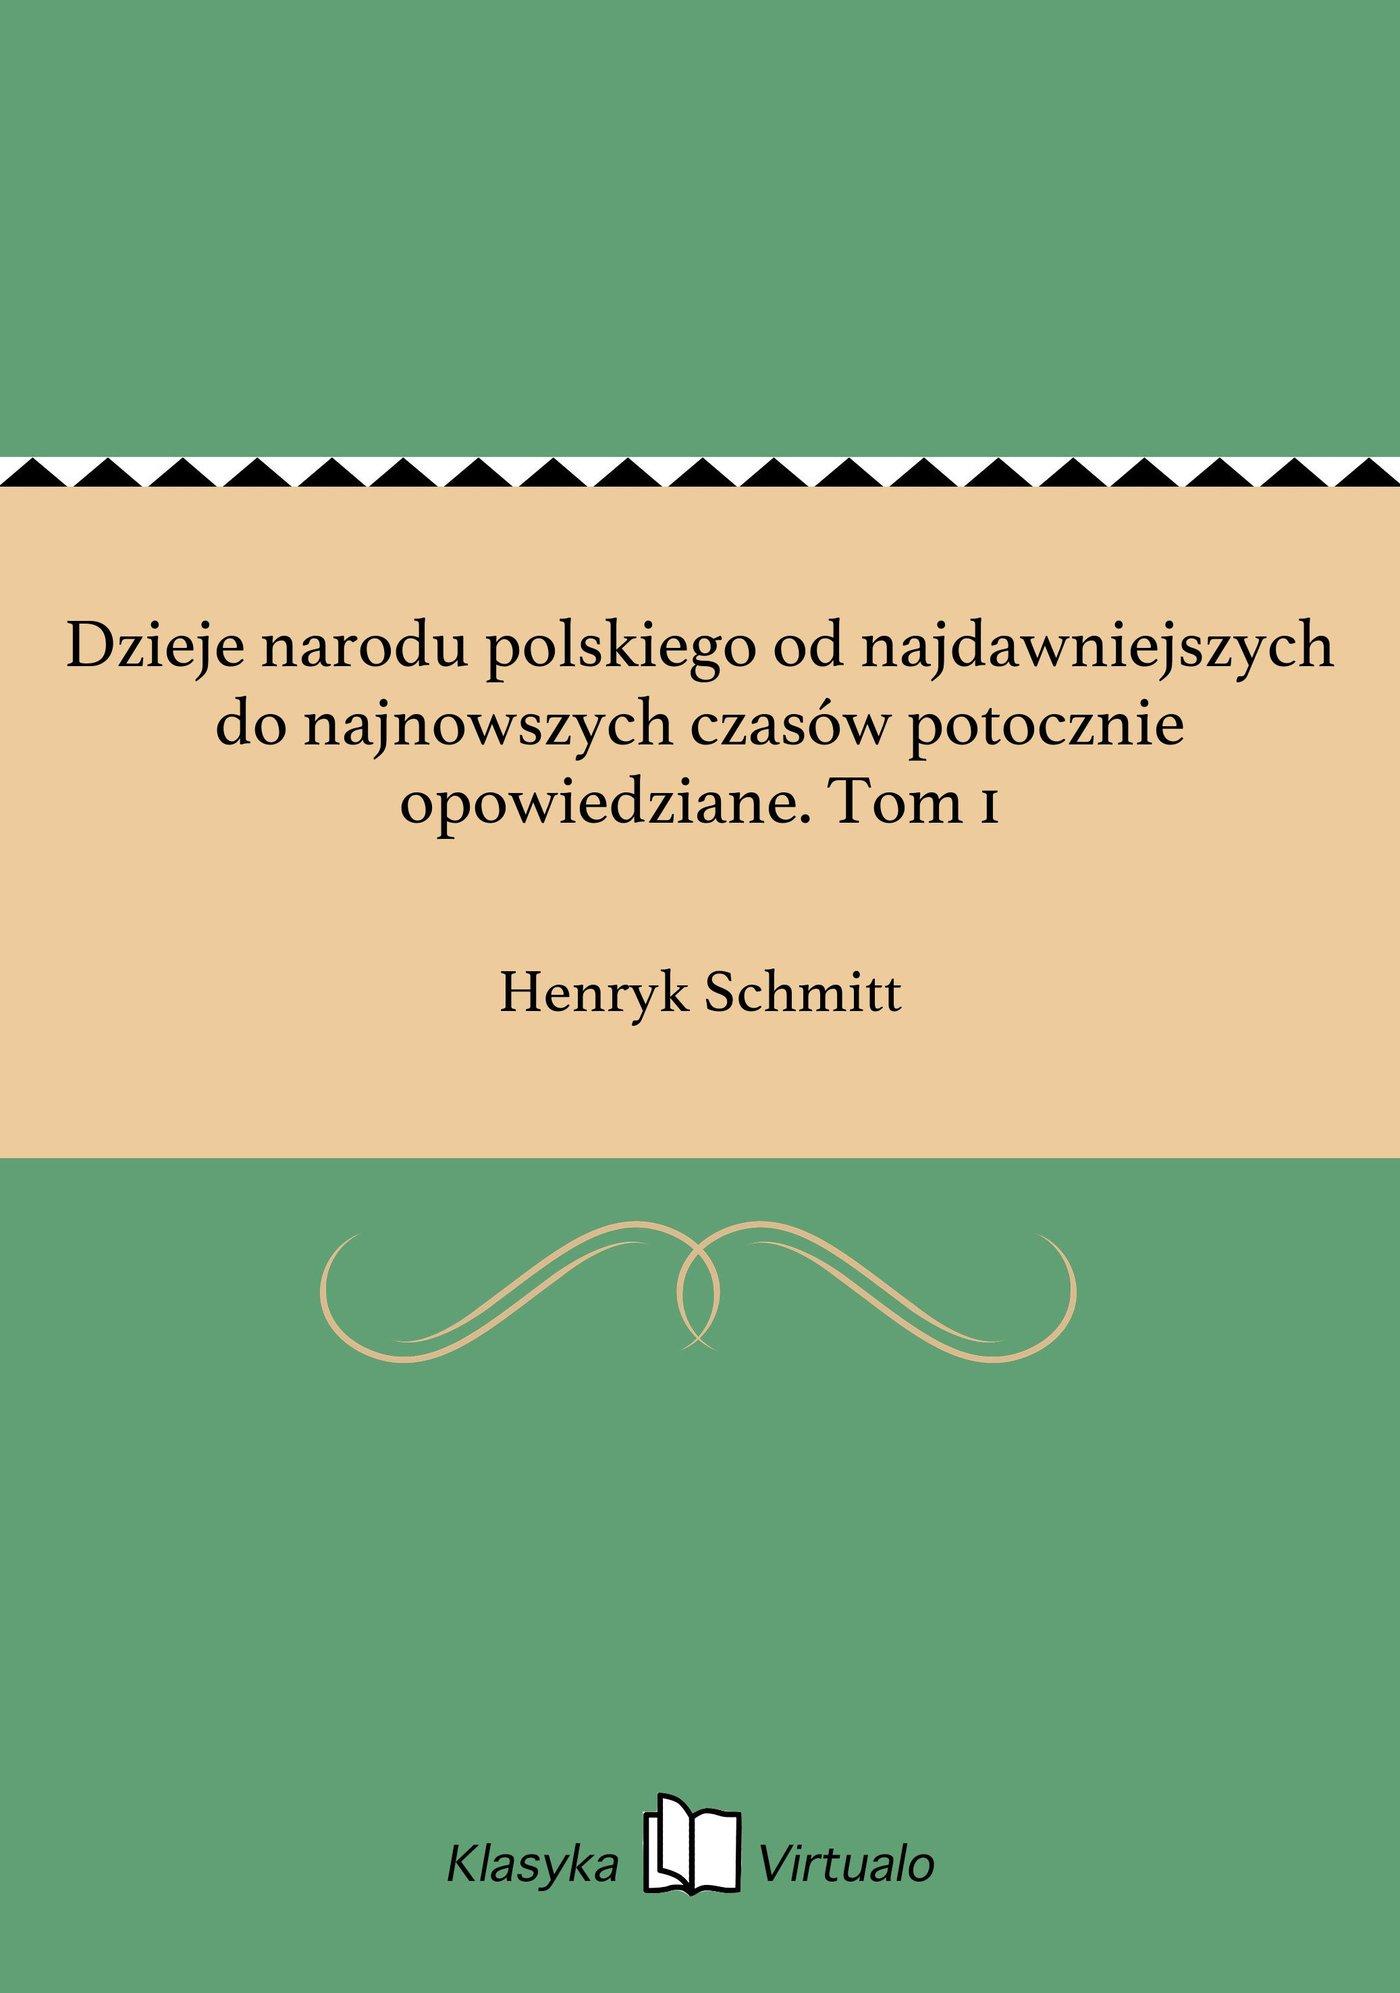 Dzieje narodu polskiego od najdawniejszych do najnowszych czasów potocznie opowiedziane. Tom 1 - Ebook (Książka na Kindle) do pobrania w formacie MOBI